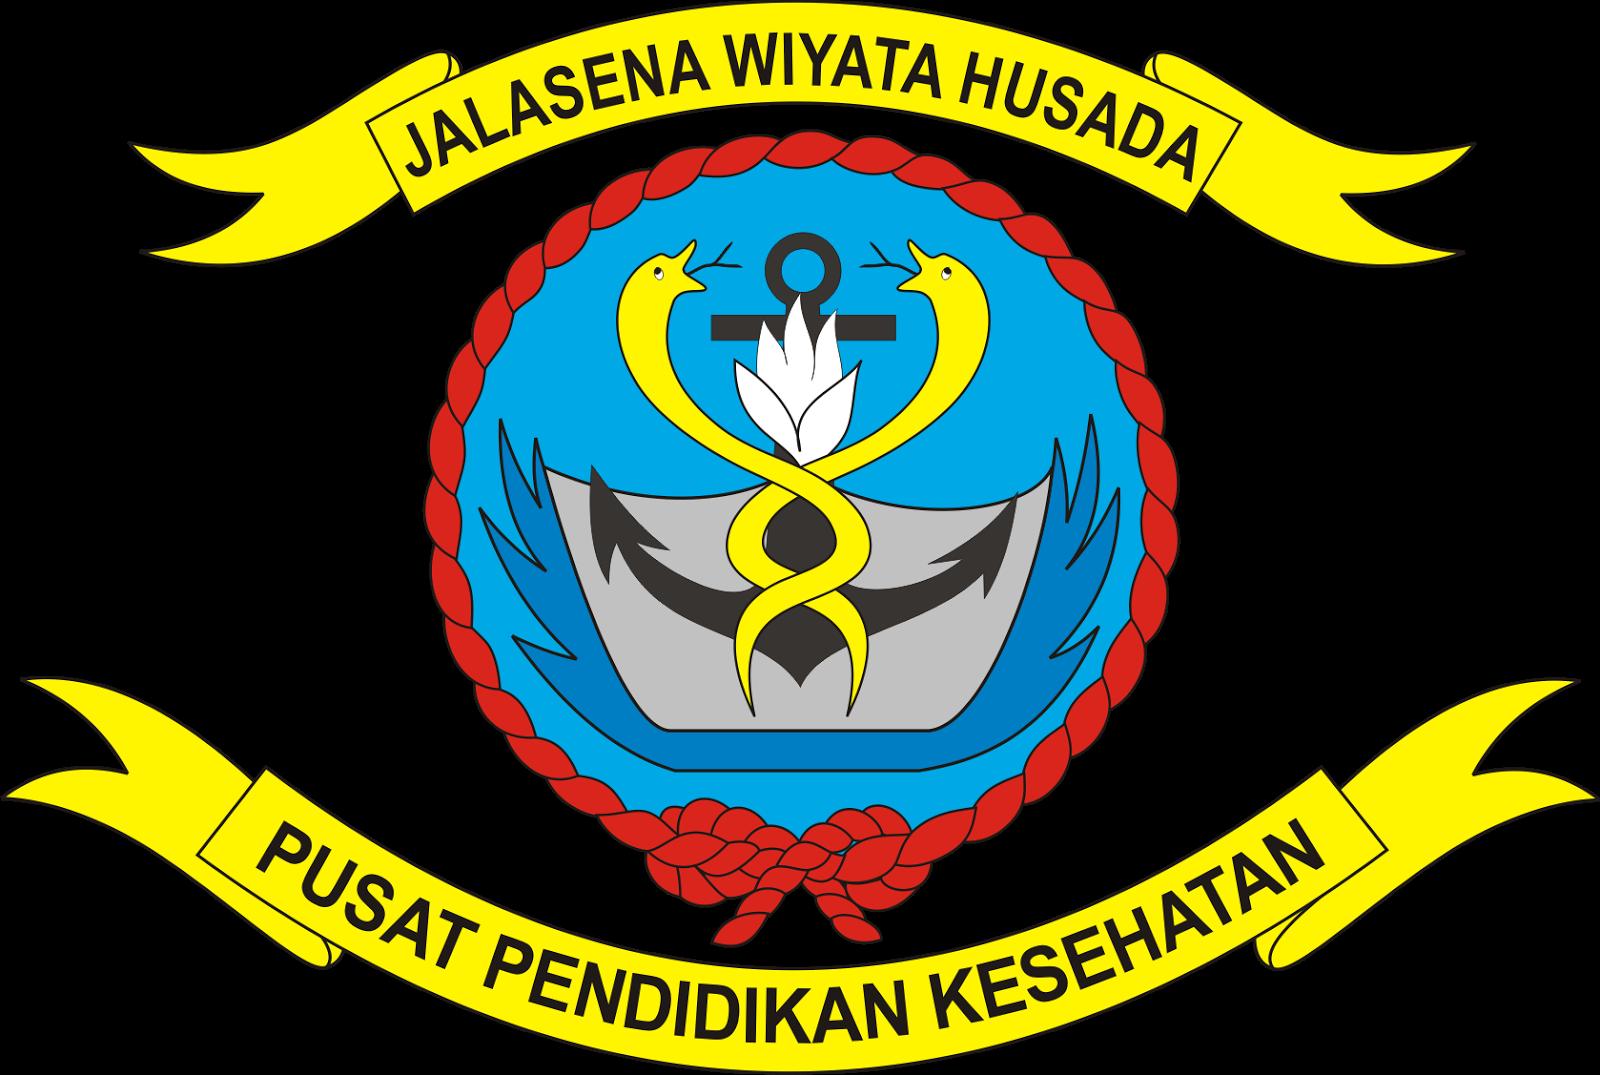 logo pusat pendidikan kesehatan pusdikkes kobangdikal